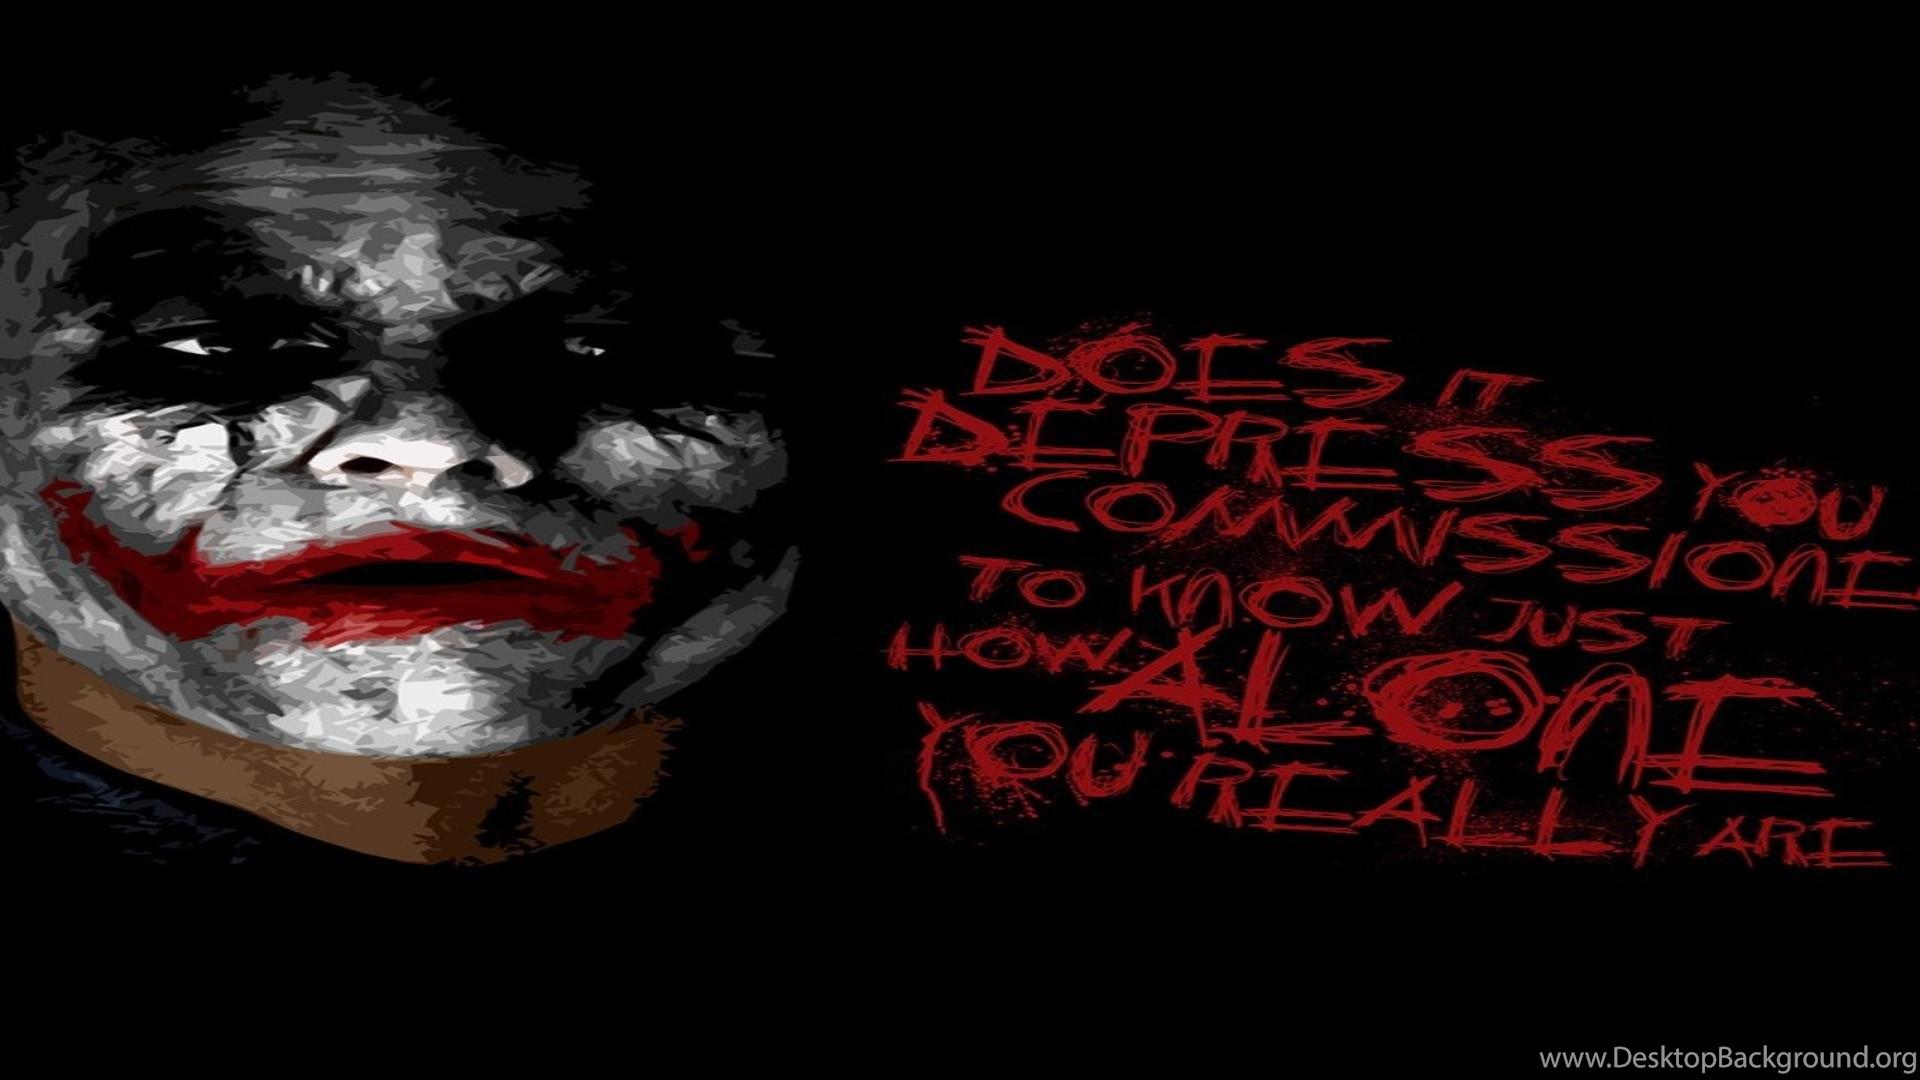 Download Joker Hd Wallpapers In 3840x1080 Widescreen Mobile